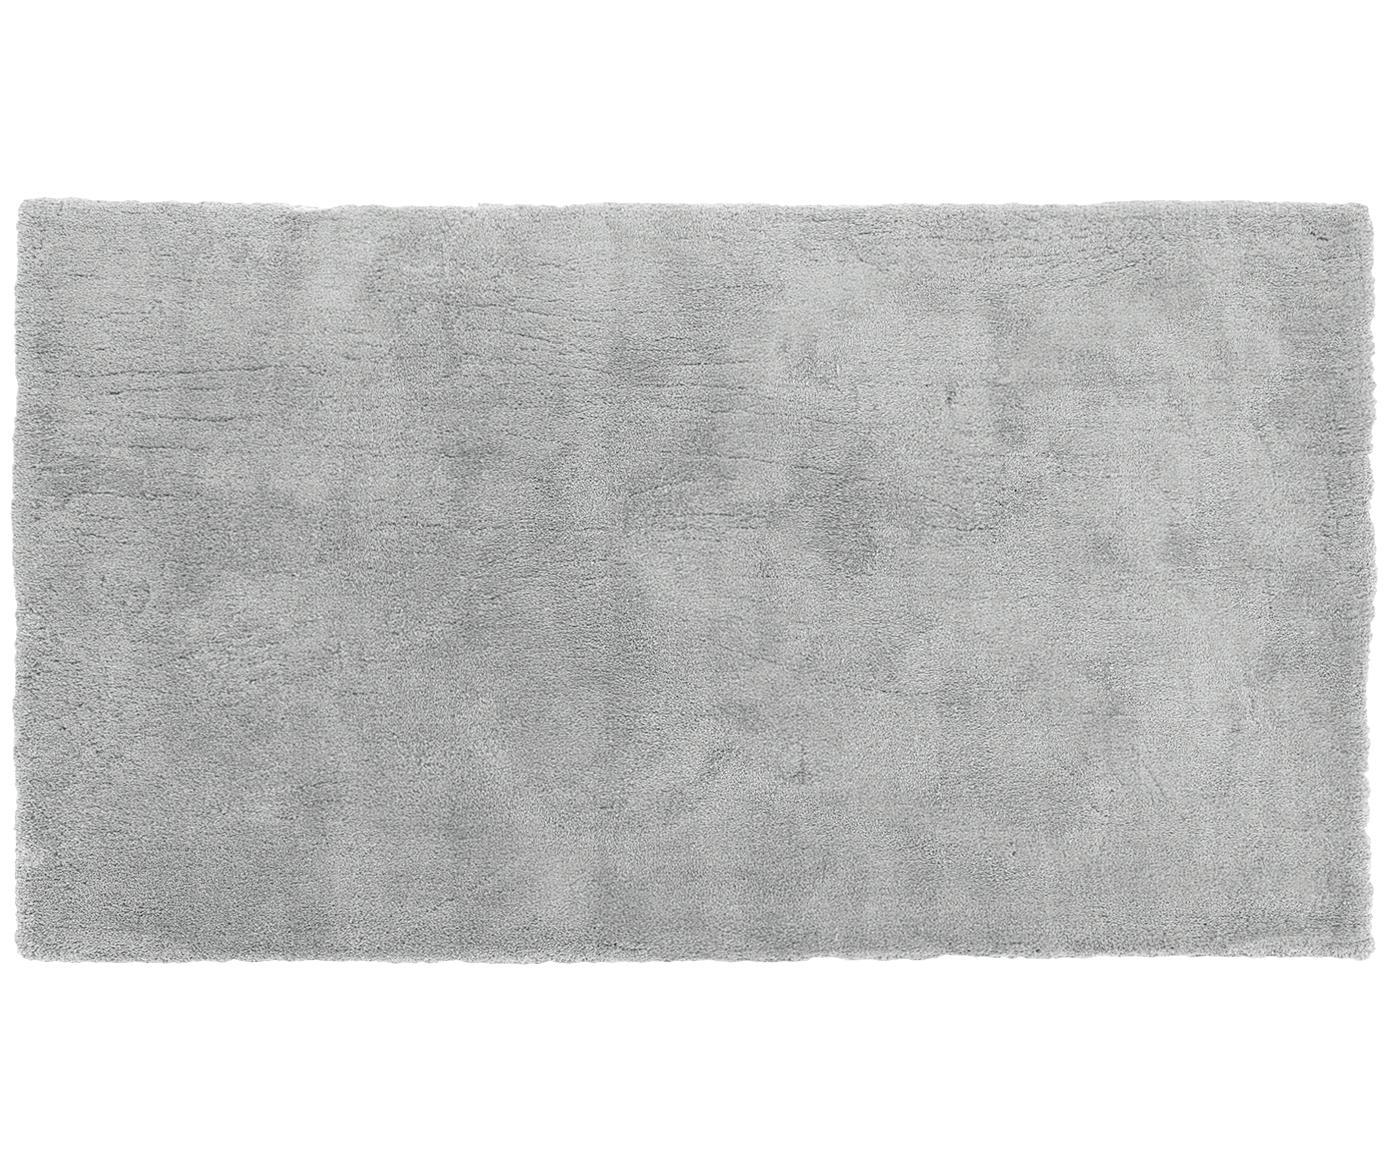 Pluizig hoogpolig vloerkleed Leighton in donkergrijs, Bovenzijde: 100% polyester (microveze, Onderzijde: 100% polyester, Donkergrijs, 80 x 150 cm